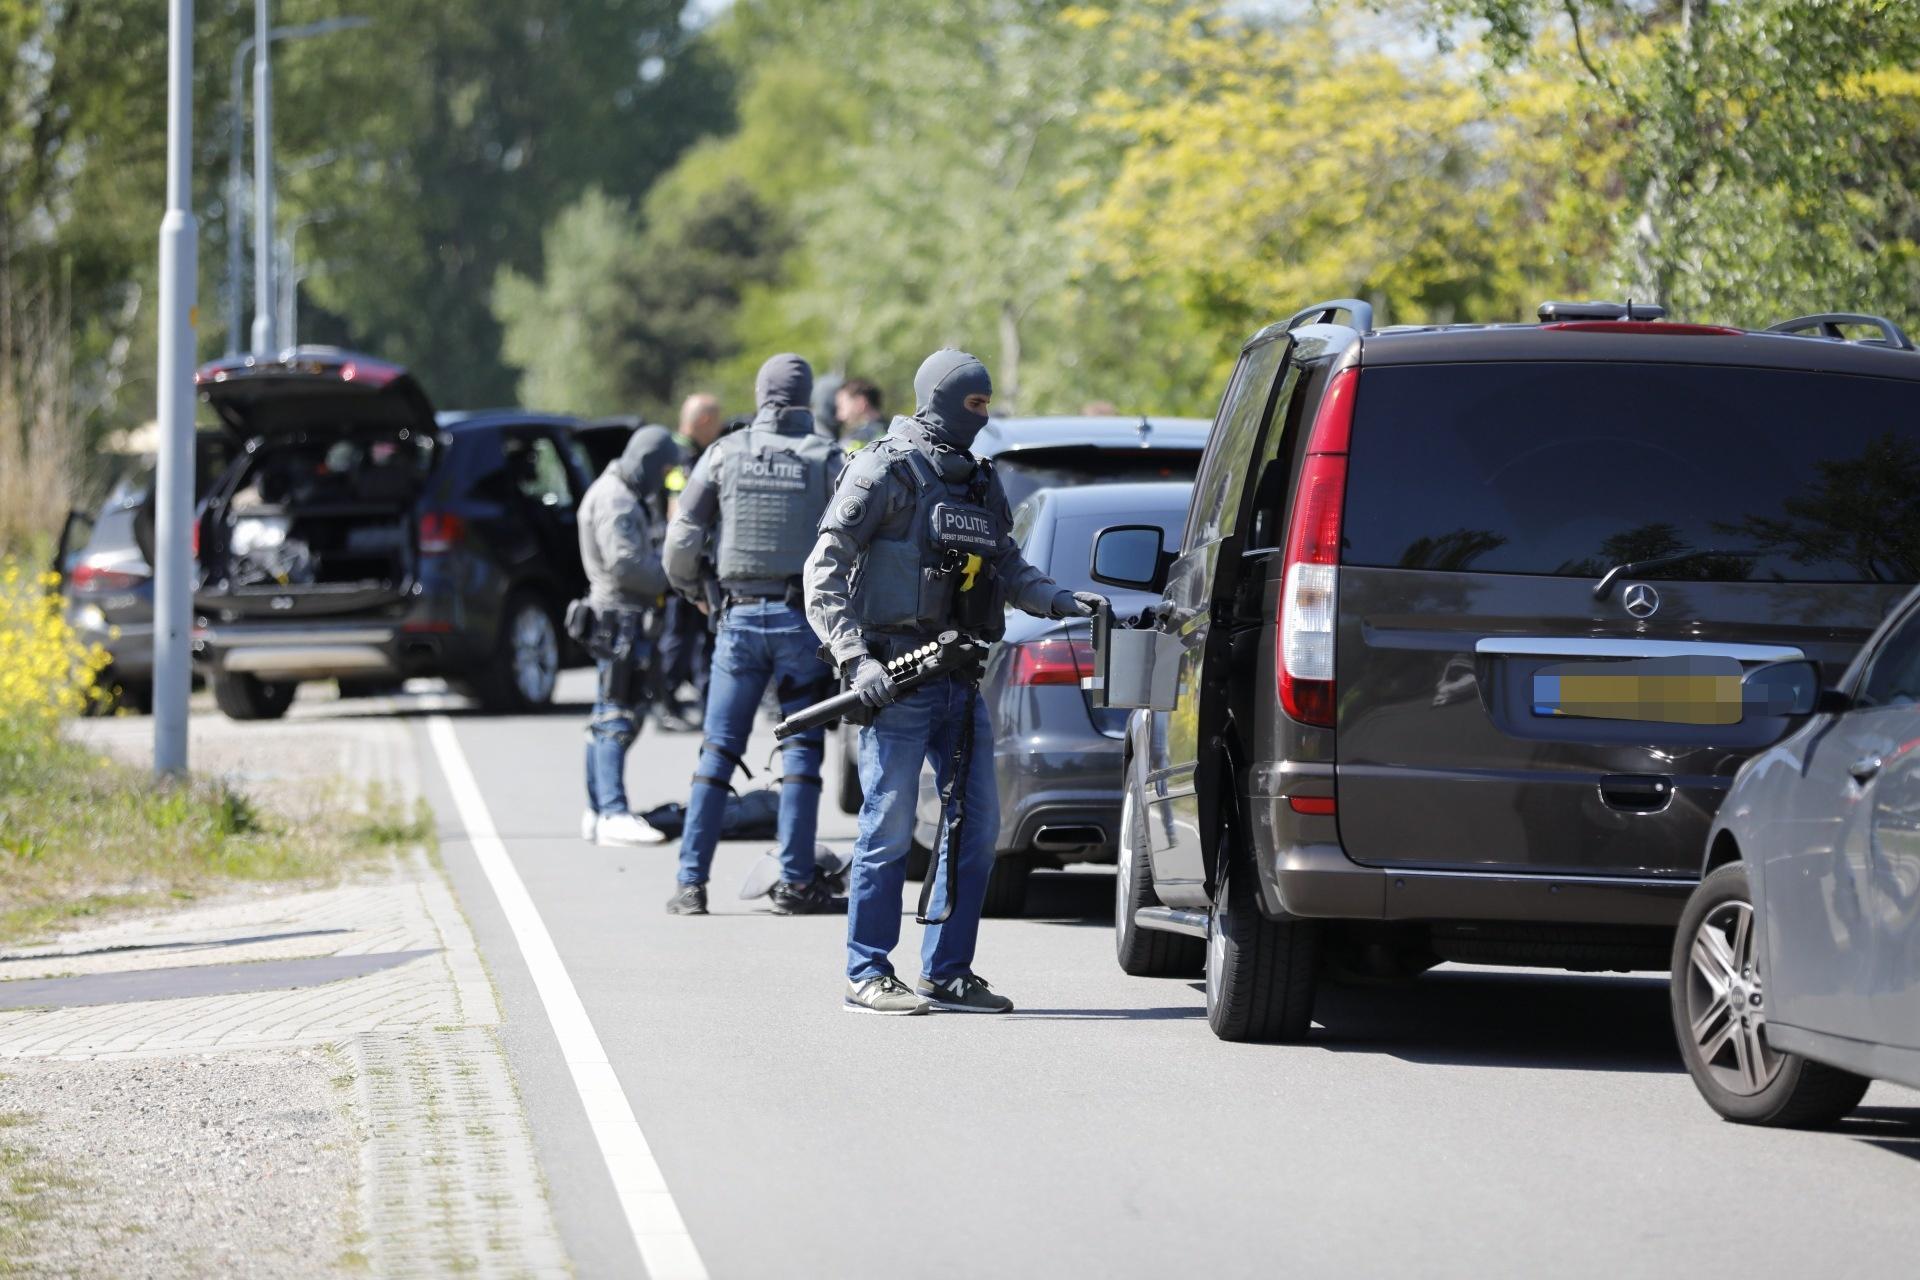 Grote politieactie bij woning aan Raasdorperweg in Lijnden